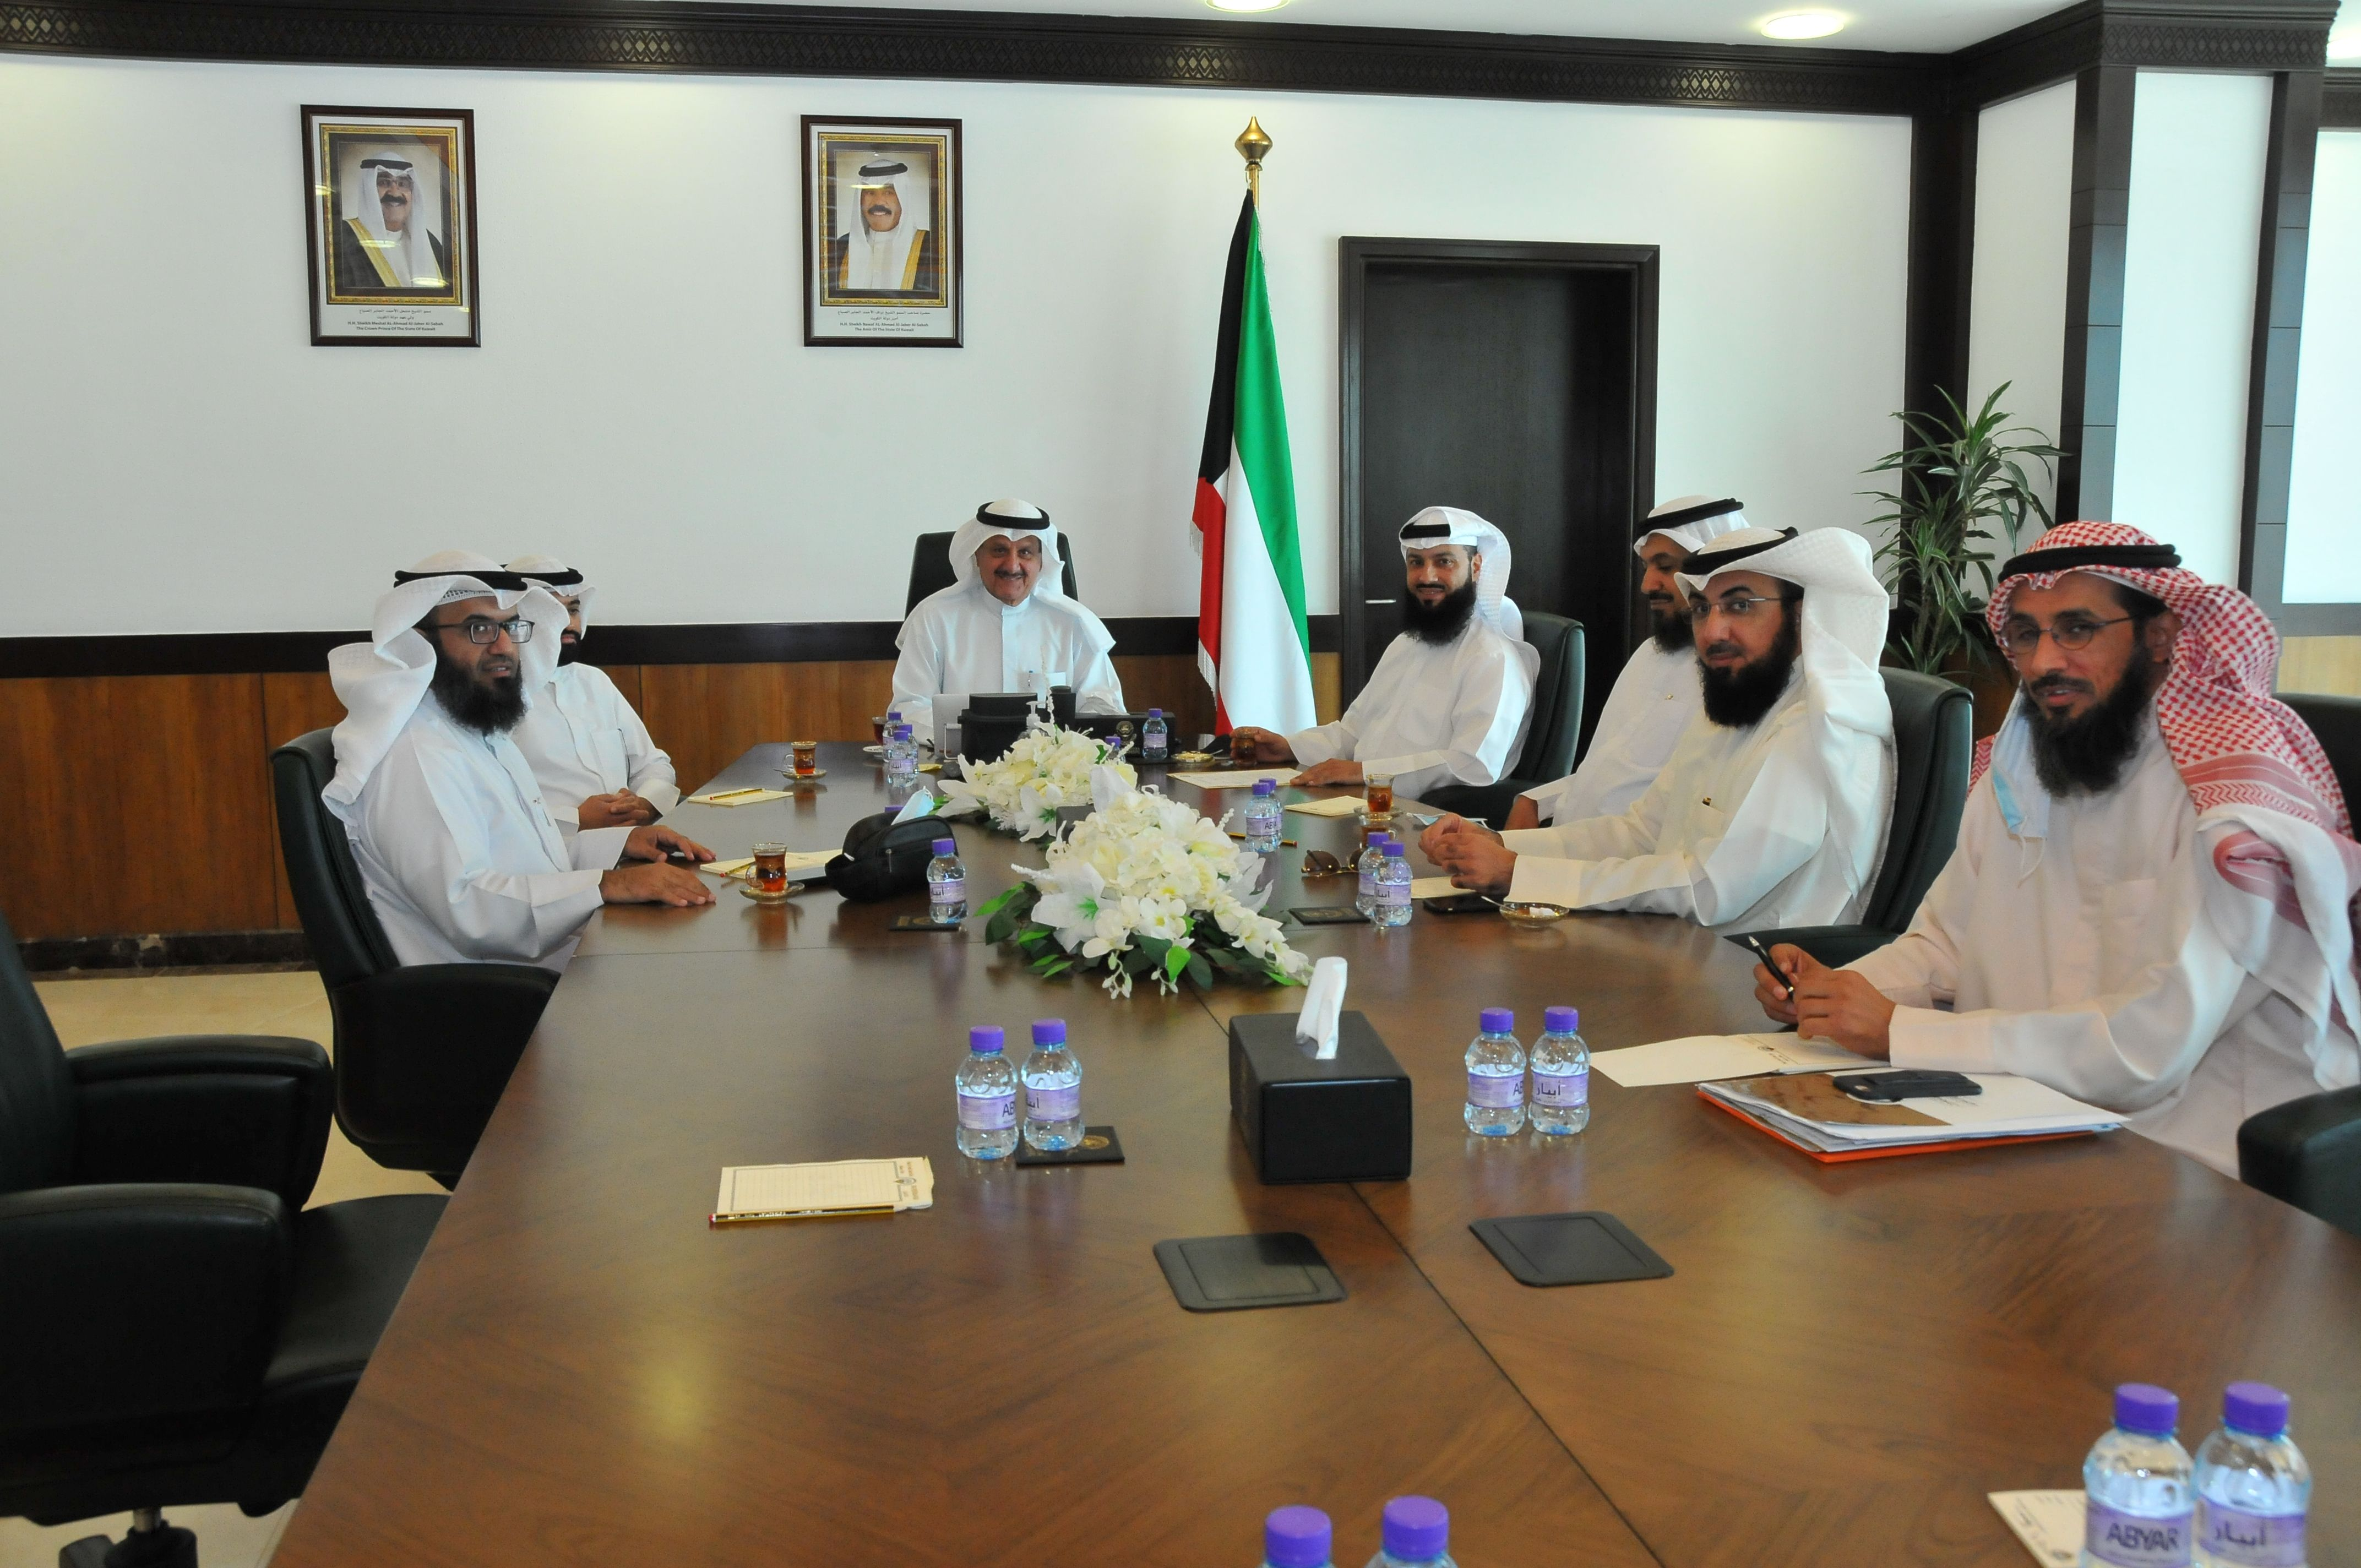 اجتماع وزير الأوقاف مع وفد من كلية الشريعة